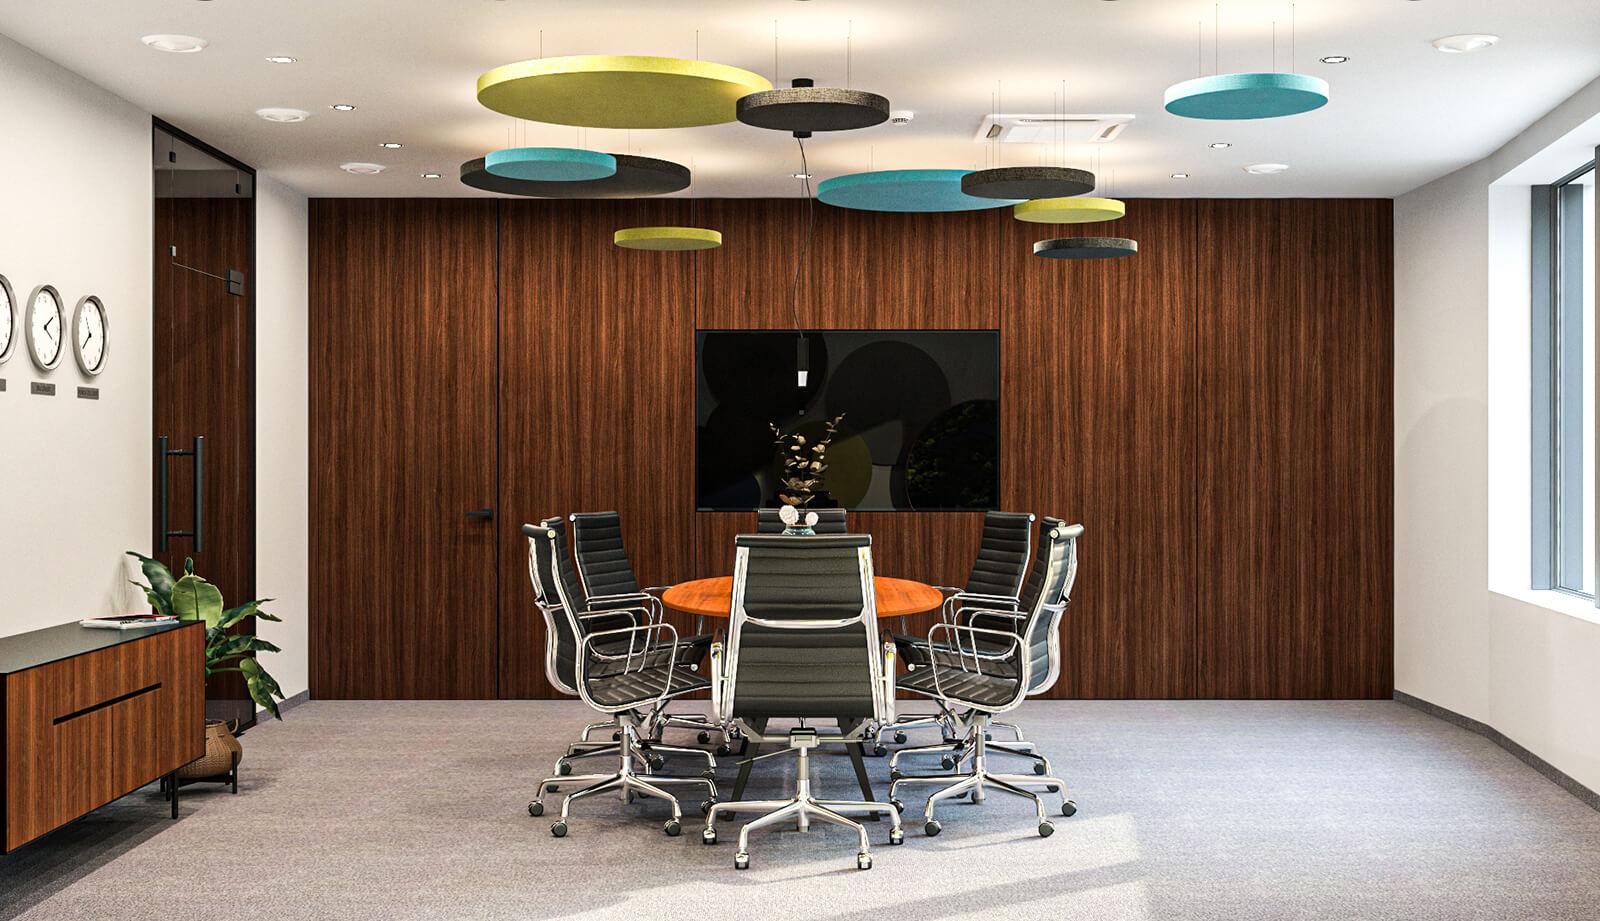 interioren-dizain-na-koferentna-zasedatelna-zala-proekt-RSI2